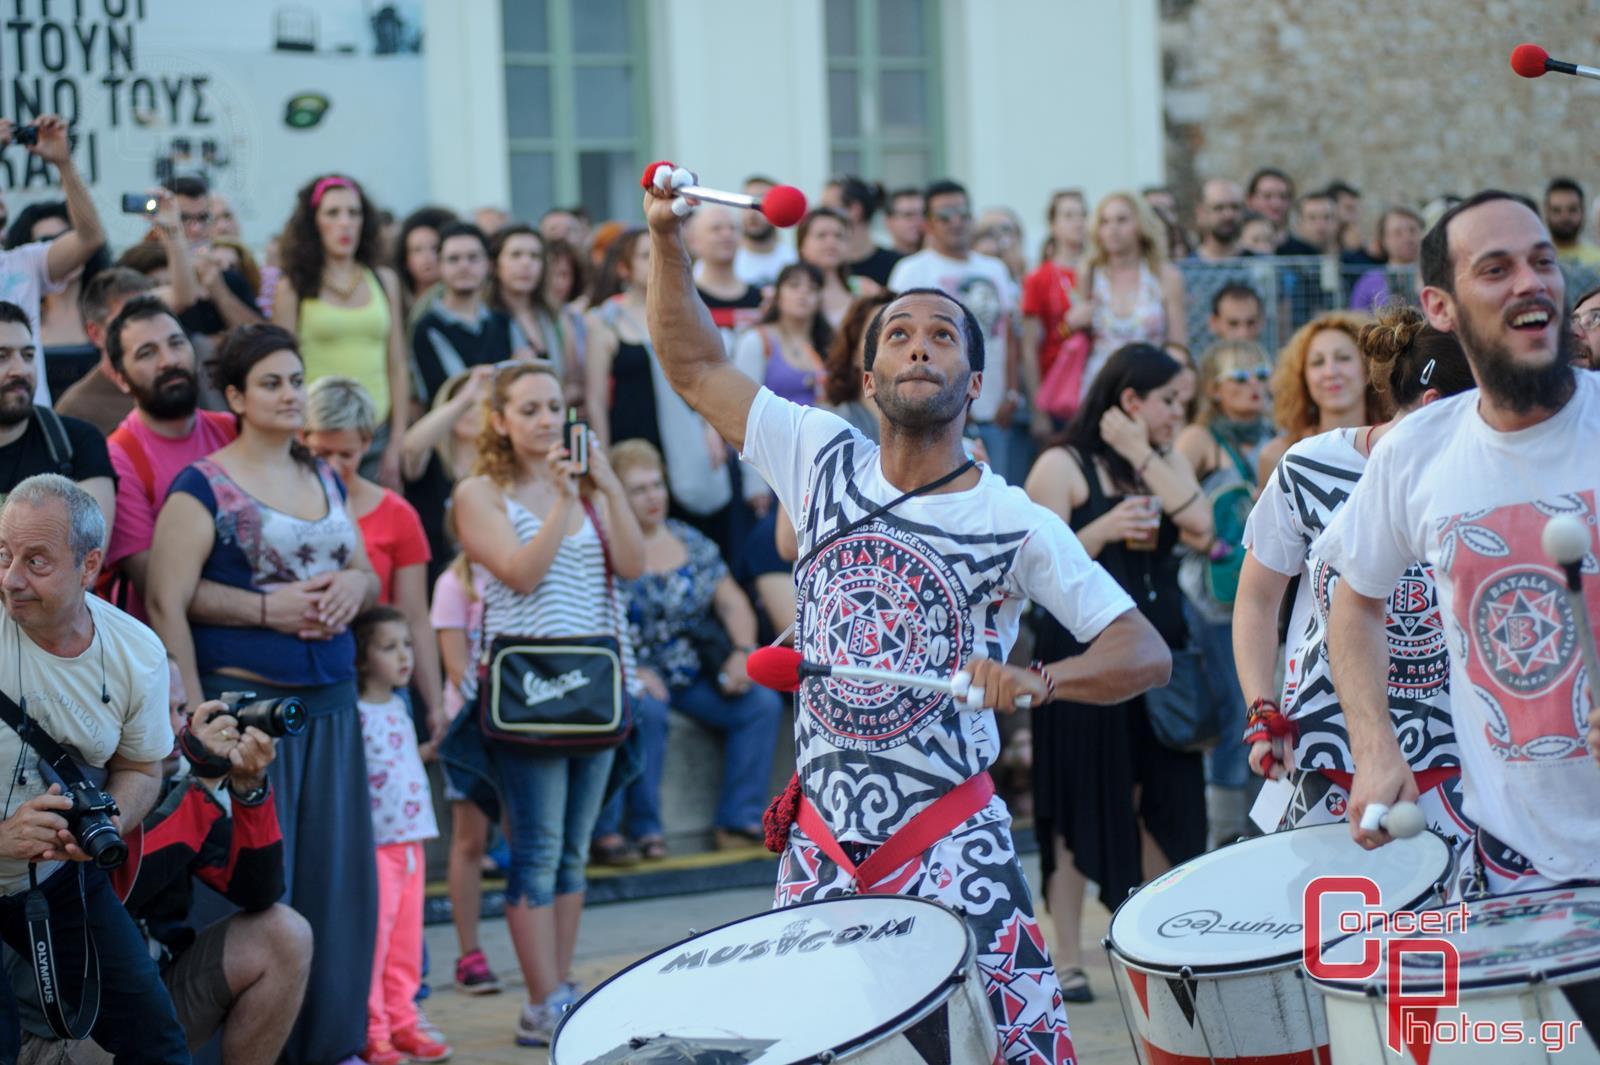 Μία συναυλία για τη Σχεδία 2014-Sxedia 2014 photographer:  - concertphotos_20140526_20_19_24